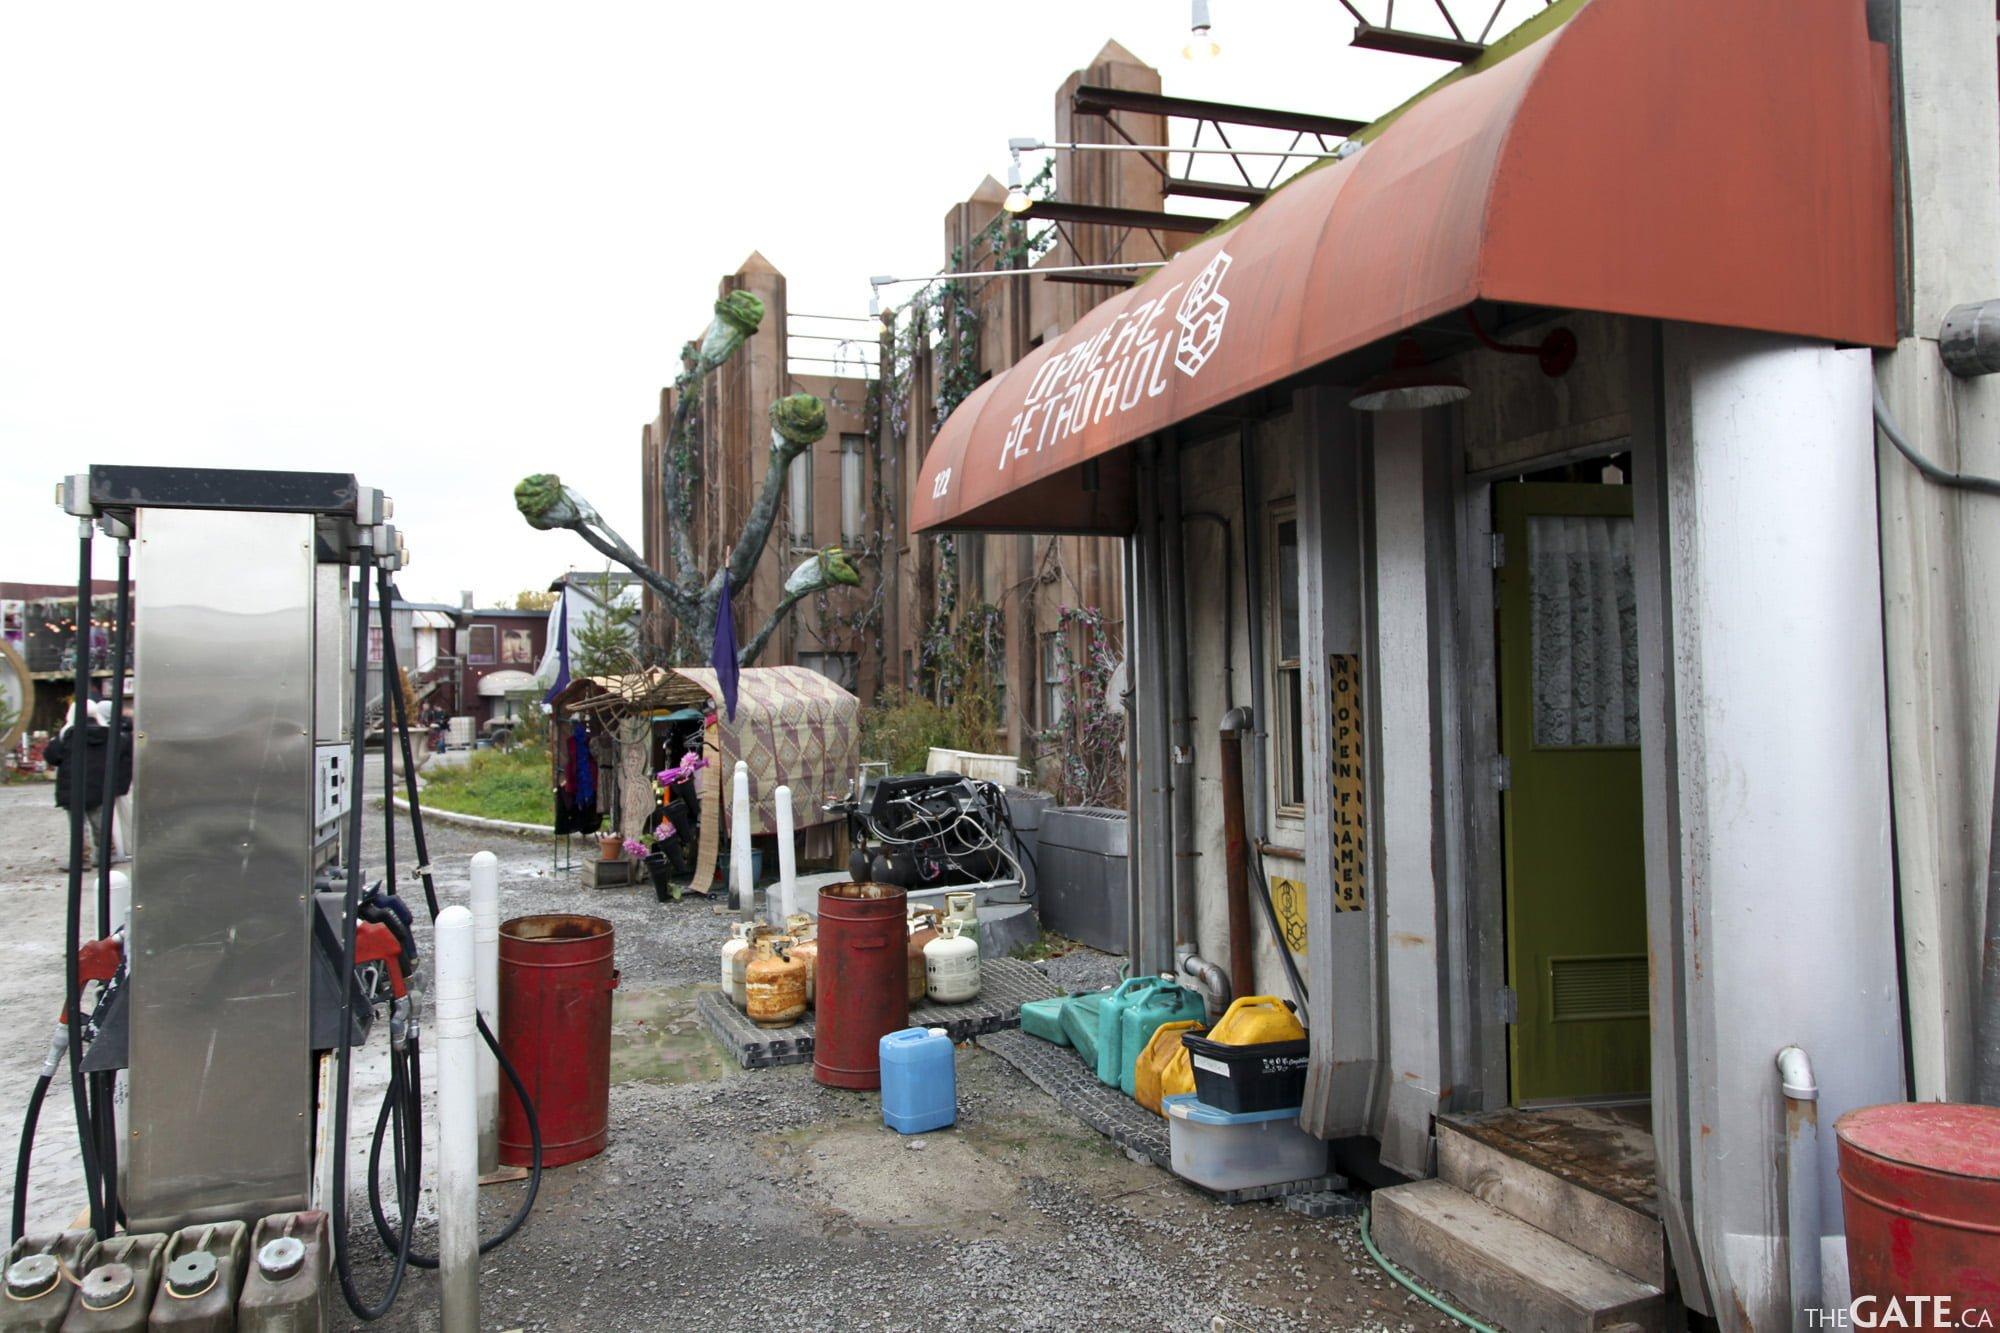 Defiance fuel station